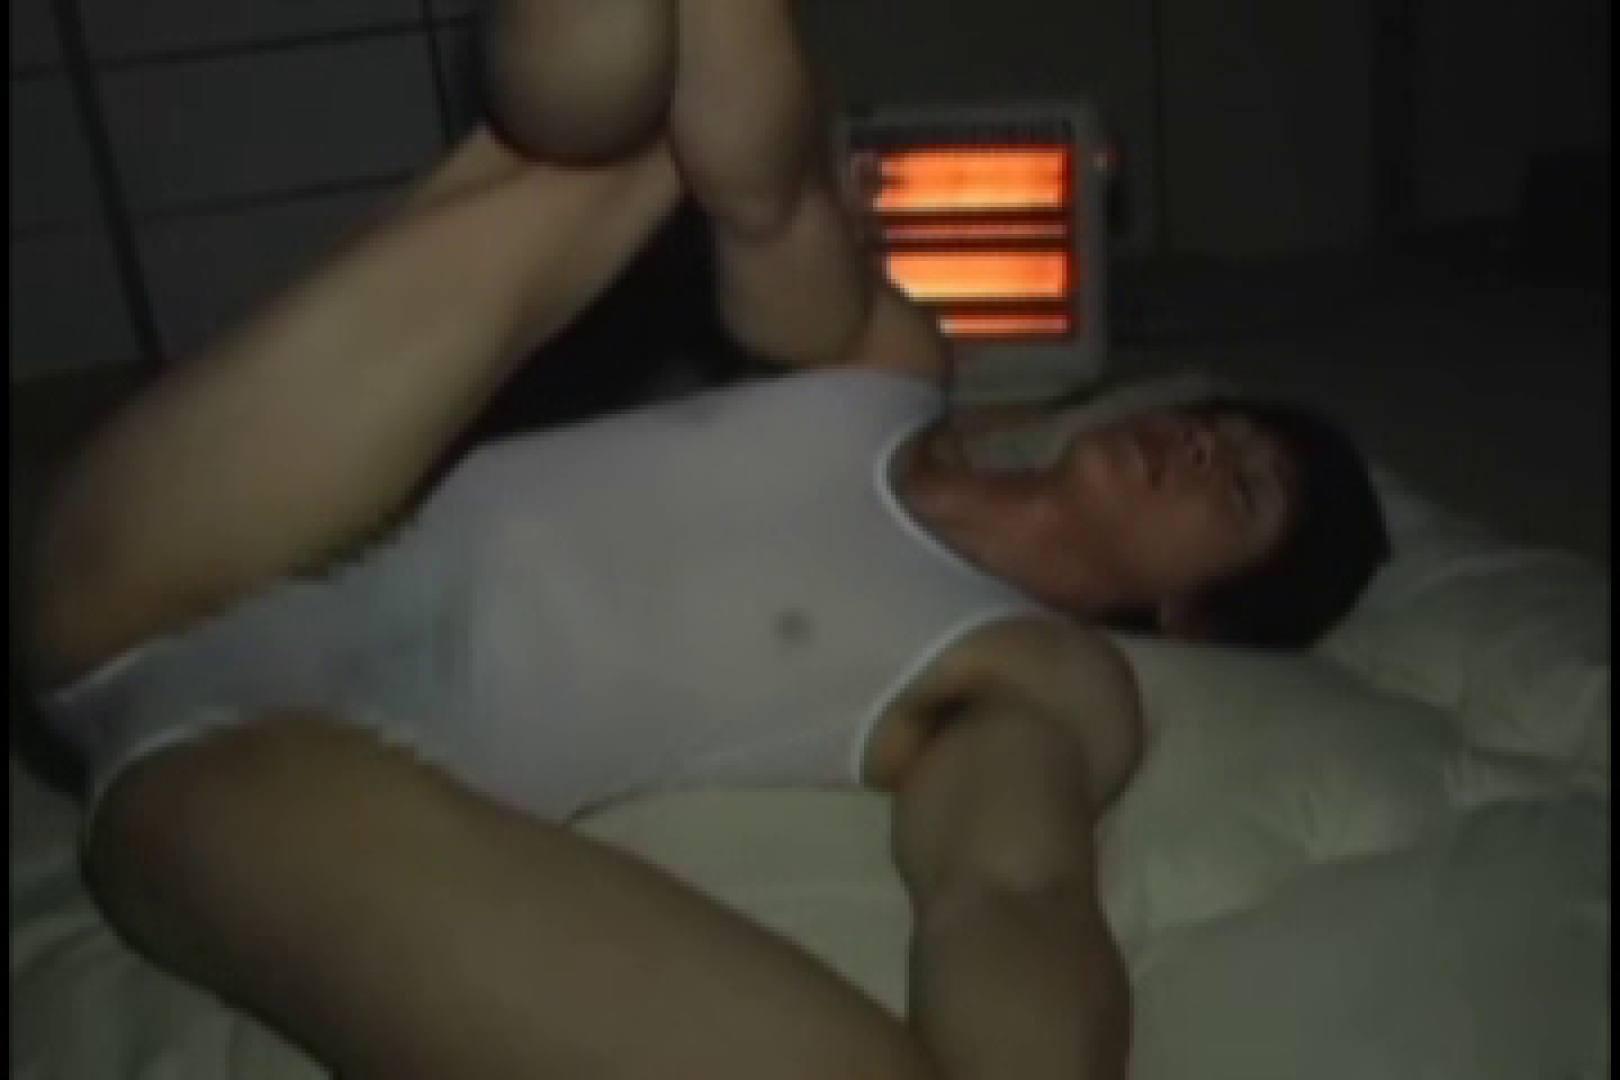 青年体操選手の脱ノンケvol.2 アナル責め ゲイ無料エロ画像 79枚 20